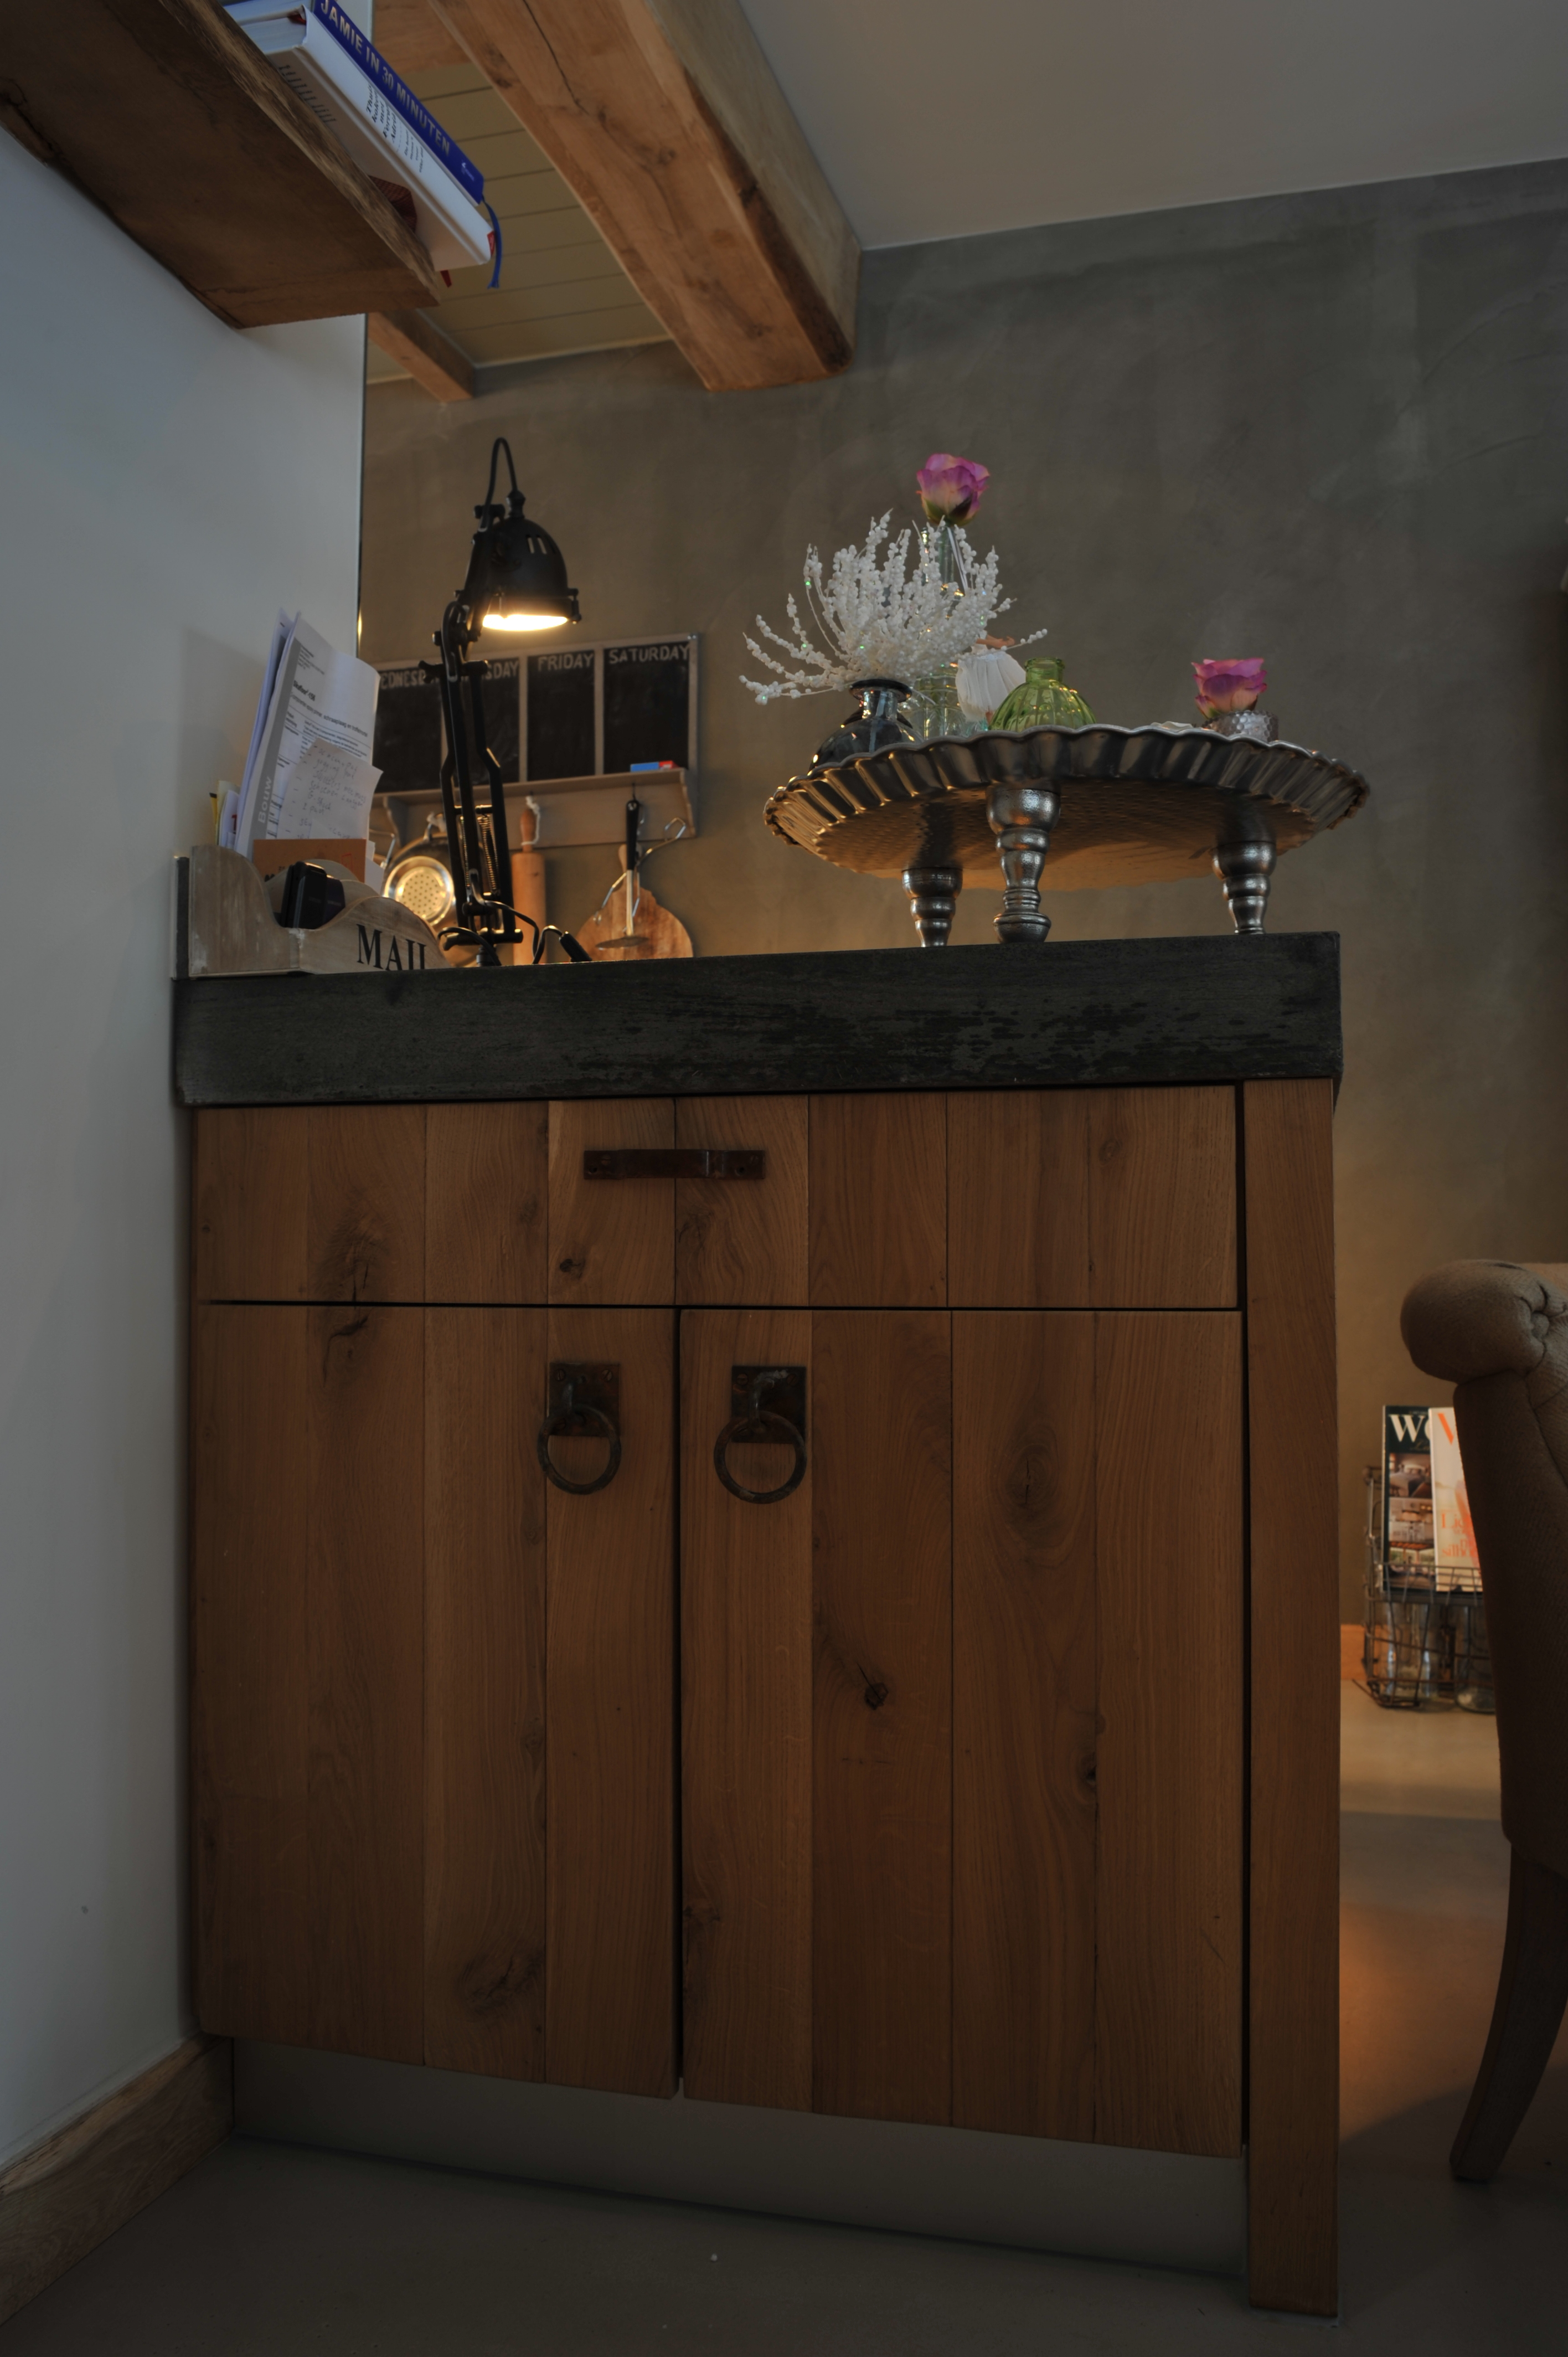 Houten meubels meubilair eiken hout steigerhout of sloophout - Houten meubels ...